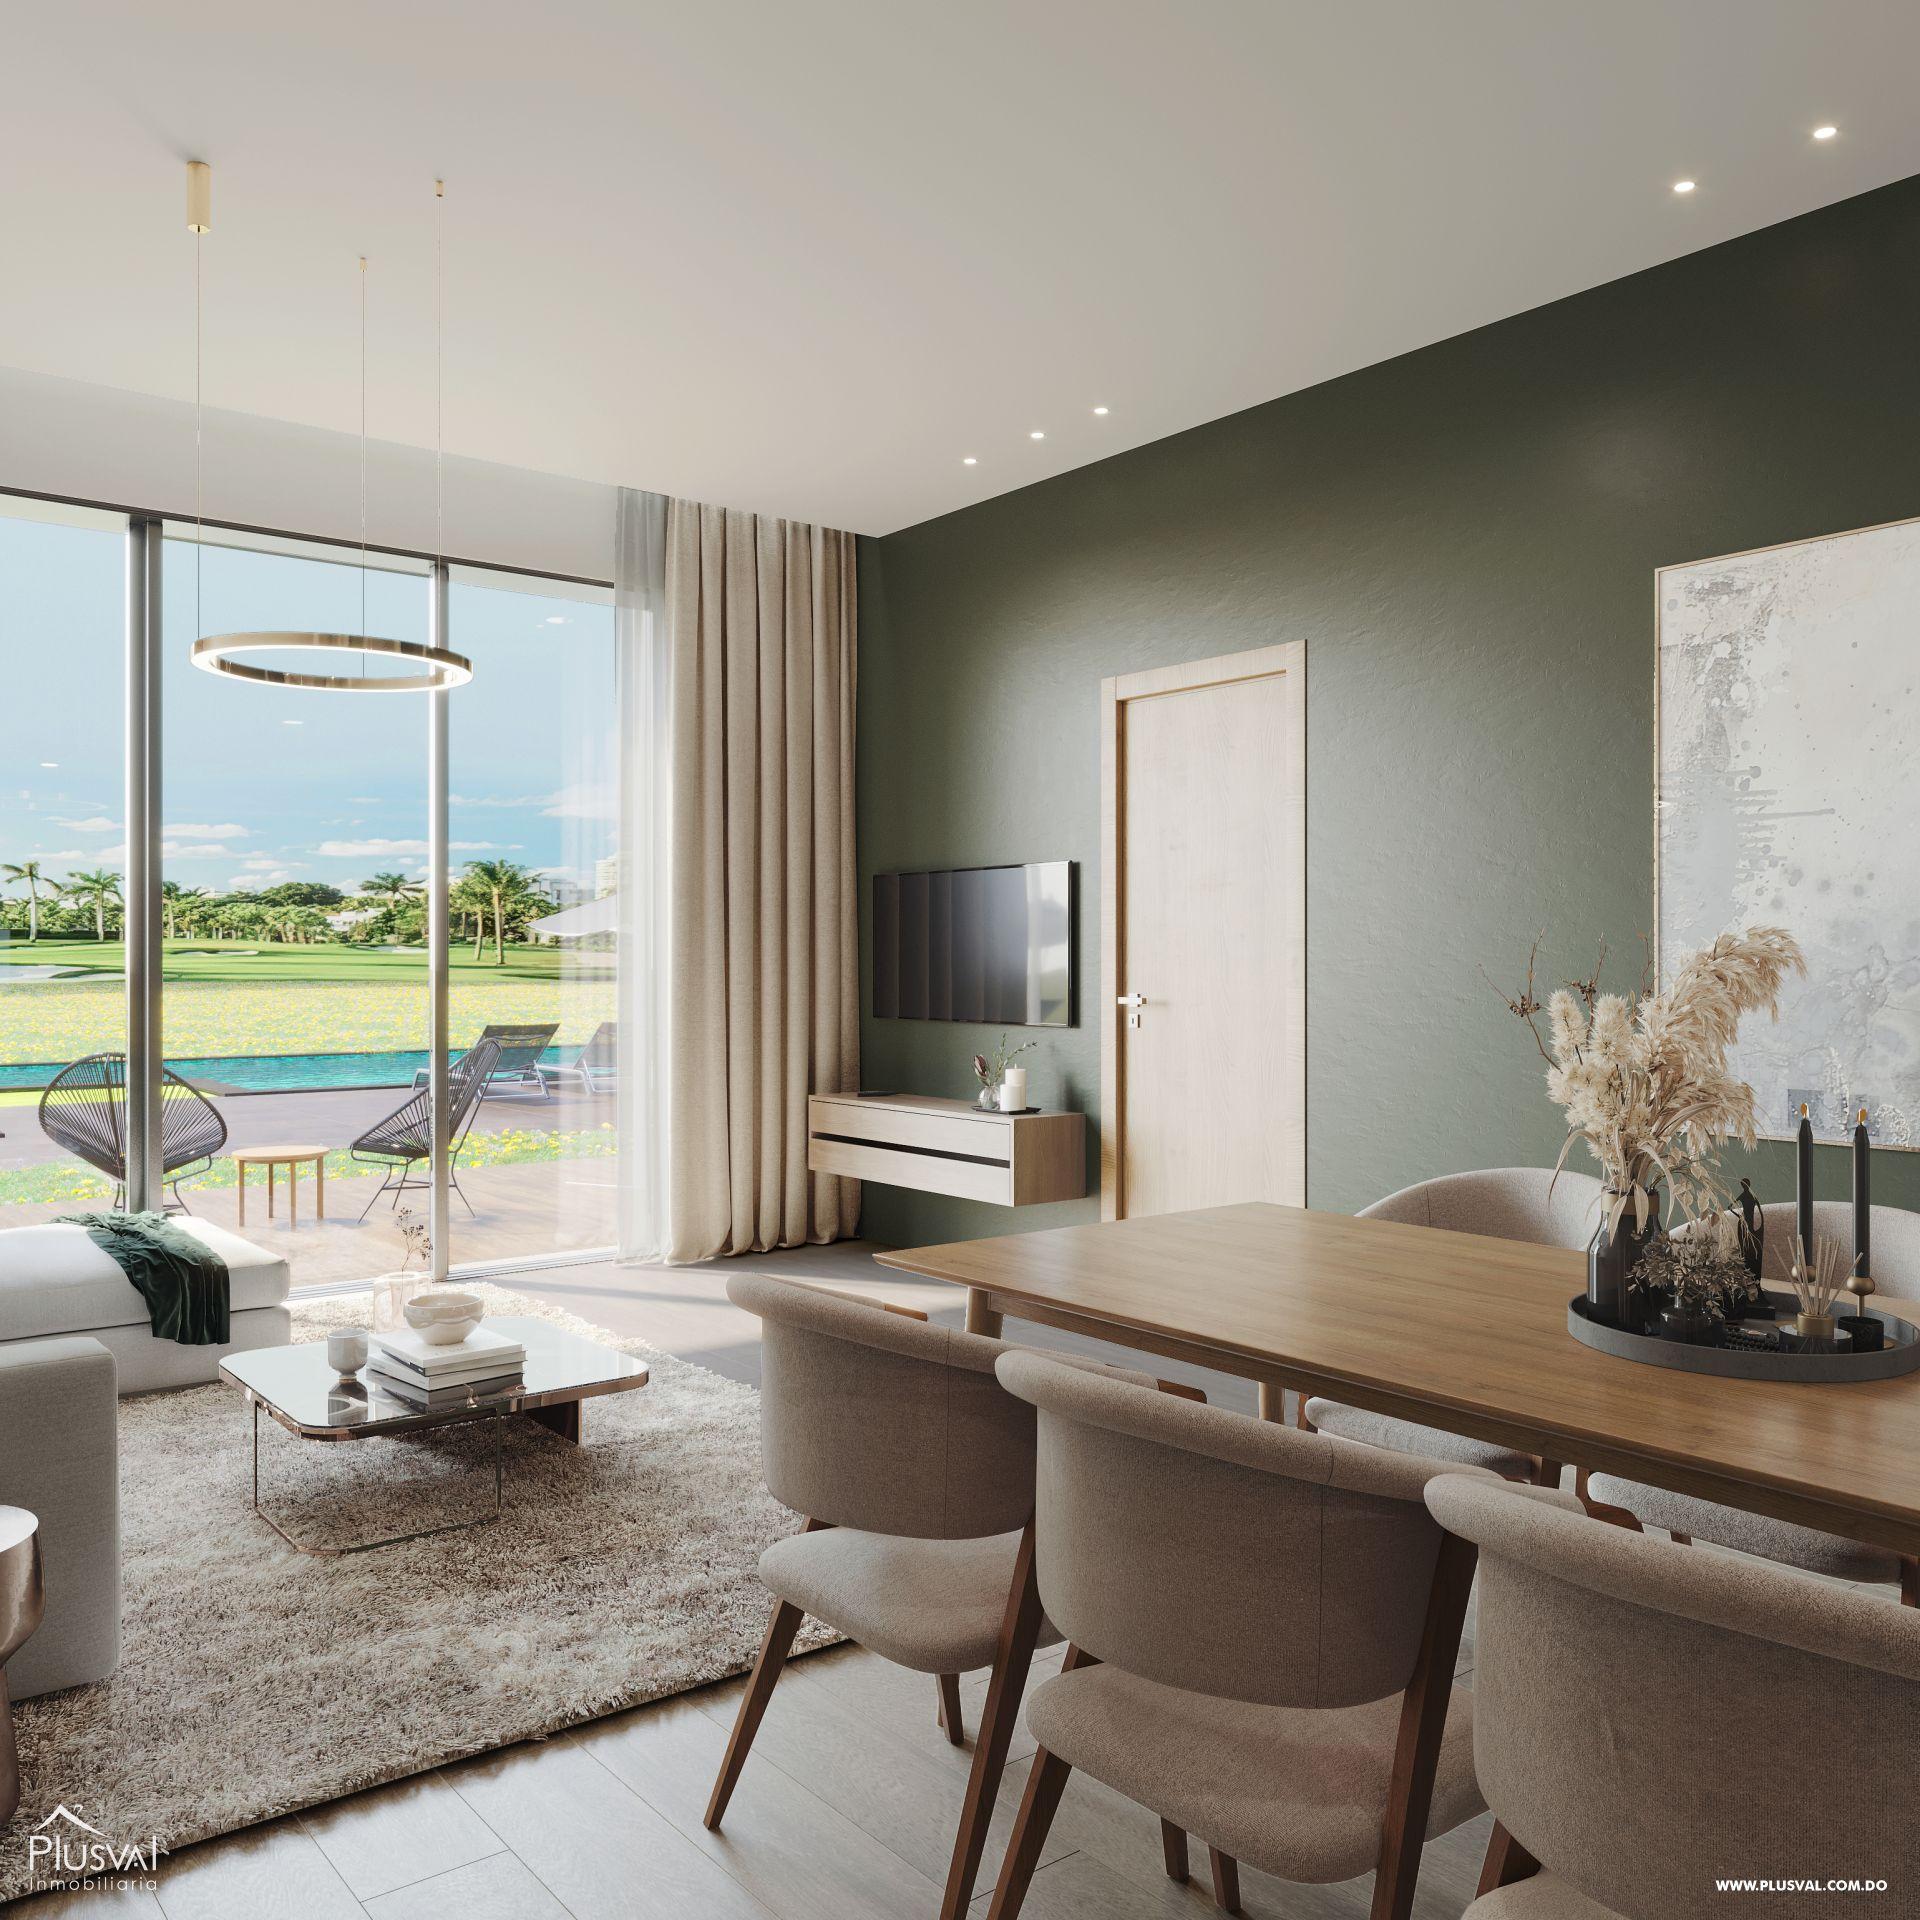 Apartamentos en Venta, en exclusiva comunidad en Cana Bay 190047